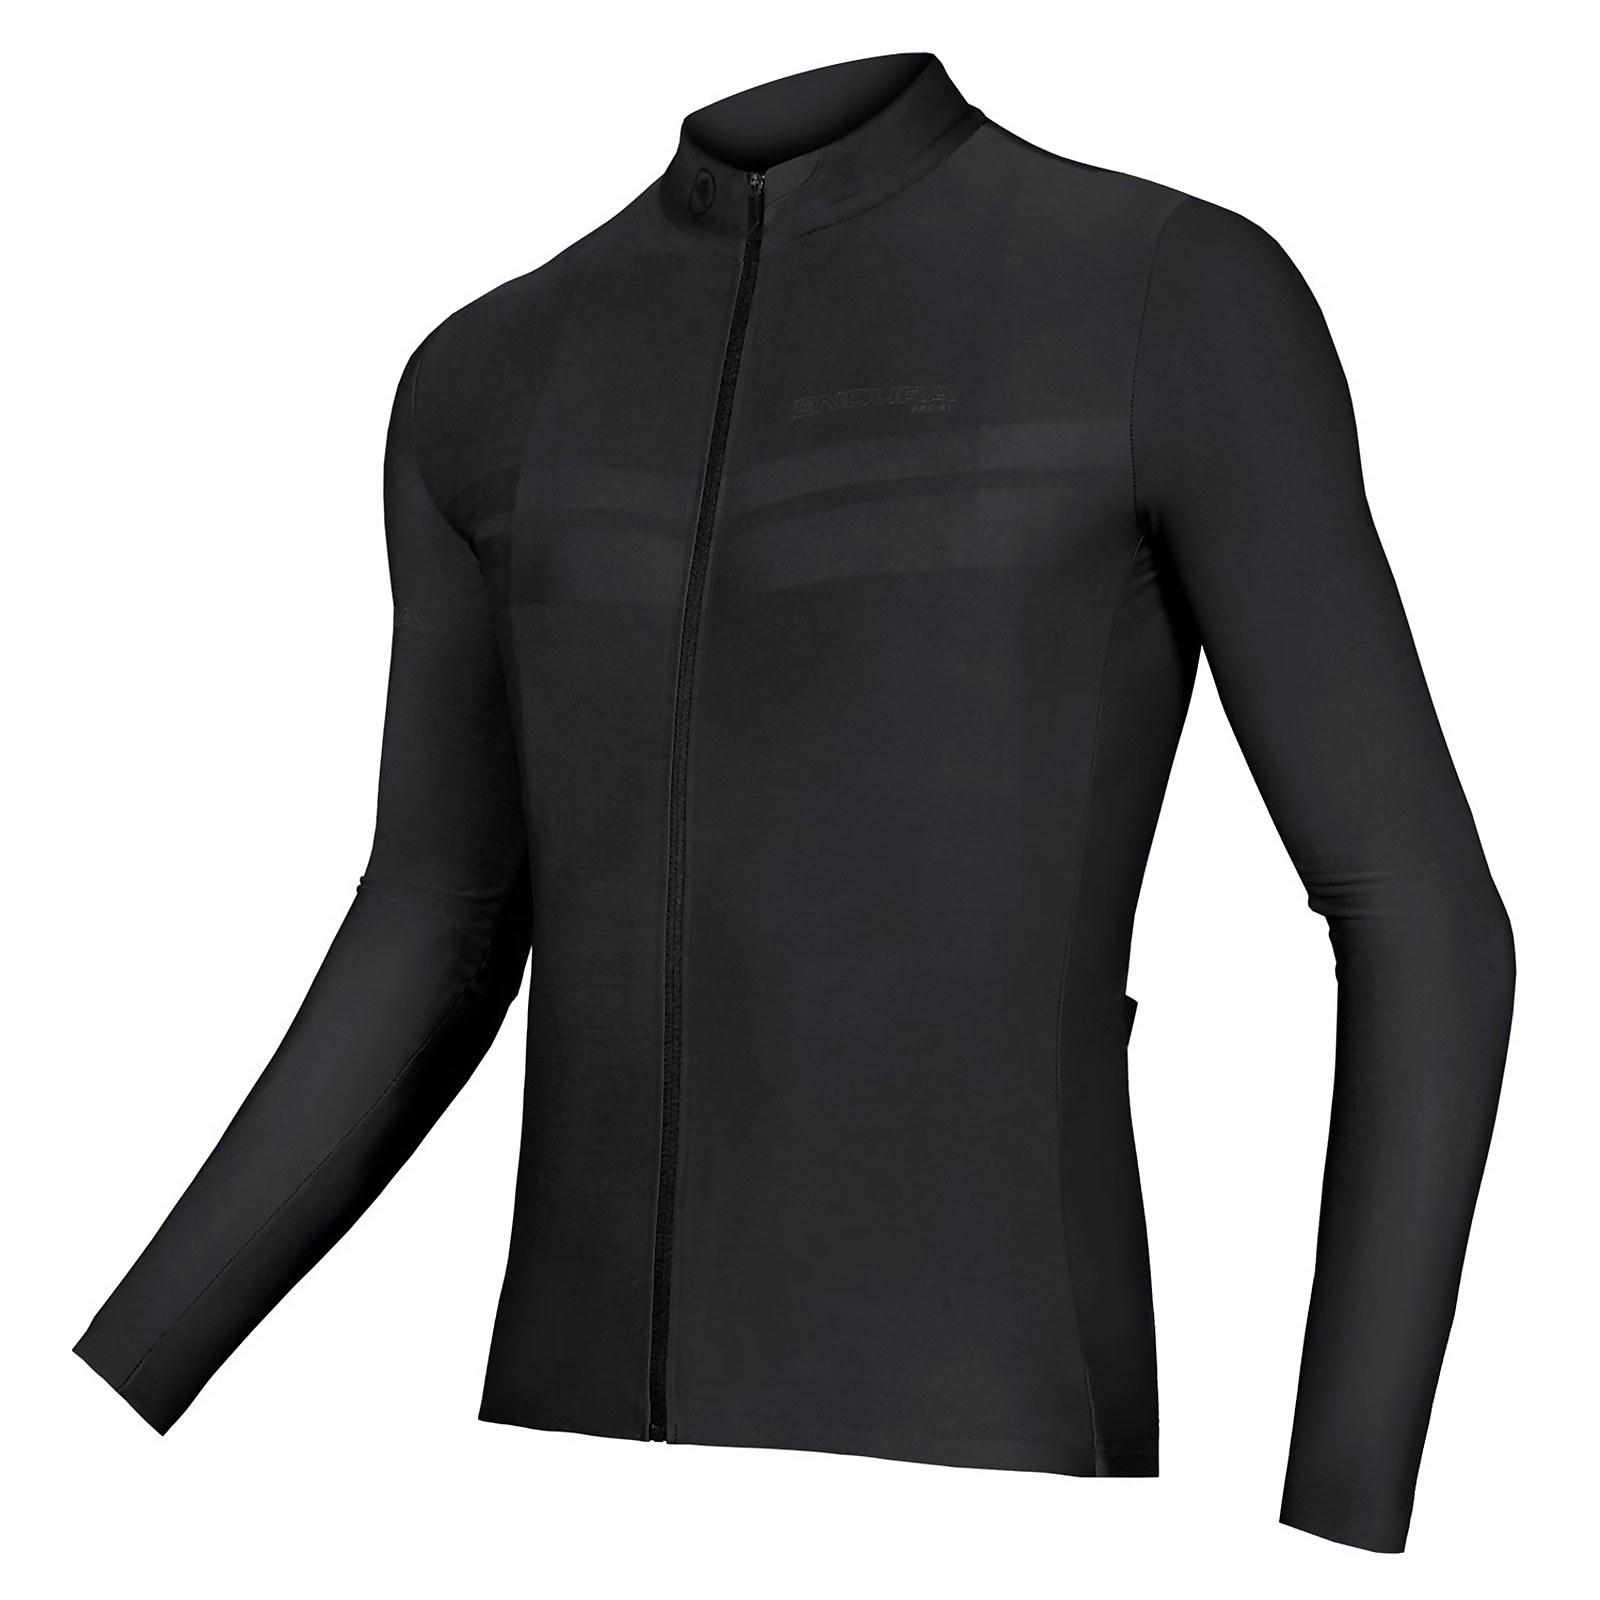 Pro Sl L/s Jersey Ii - Black - Xs